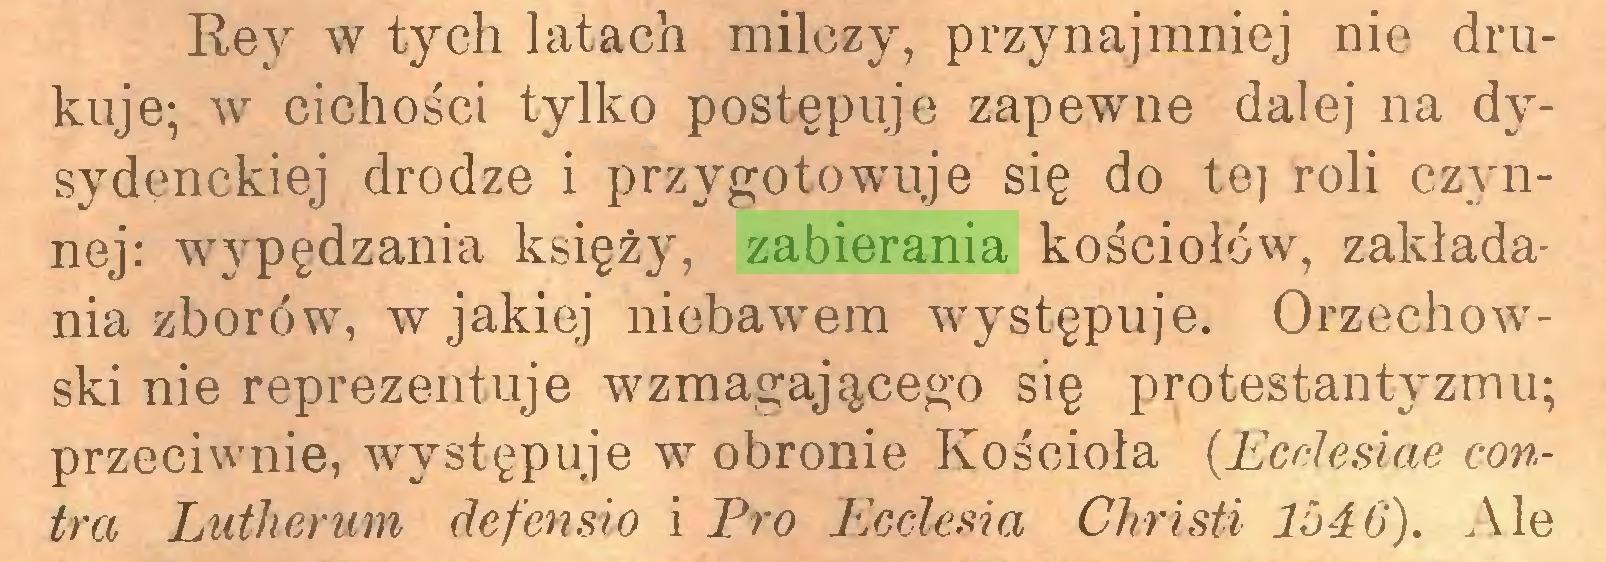 (...) Rey w tych latach milczy, przynajmniej nie drukuje; w cichości tylko postępuje zapewne dalej na dysydenckiej drodze i przygotowuje się do tej roli czynnej: wypędzania księży, zabierania kościołów, zakładania zborów, w jakiej niebawem występuje. Orzechowski nie reprezentuje wzmagającego się protestantyzmu; przeciwnie, występuje w obronie Kościoła (Ecdesiae contra Lutherum defensio i Pro Ecclesia Christi 1546). Ale...